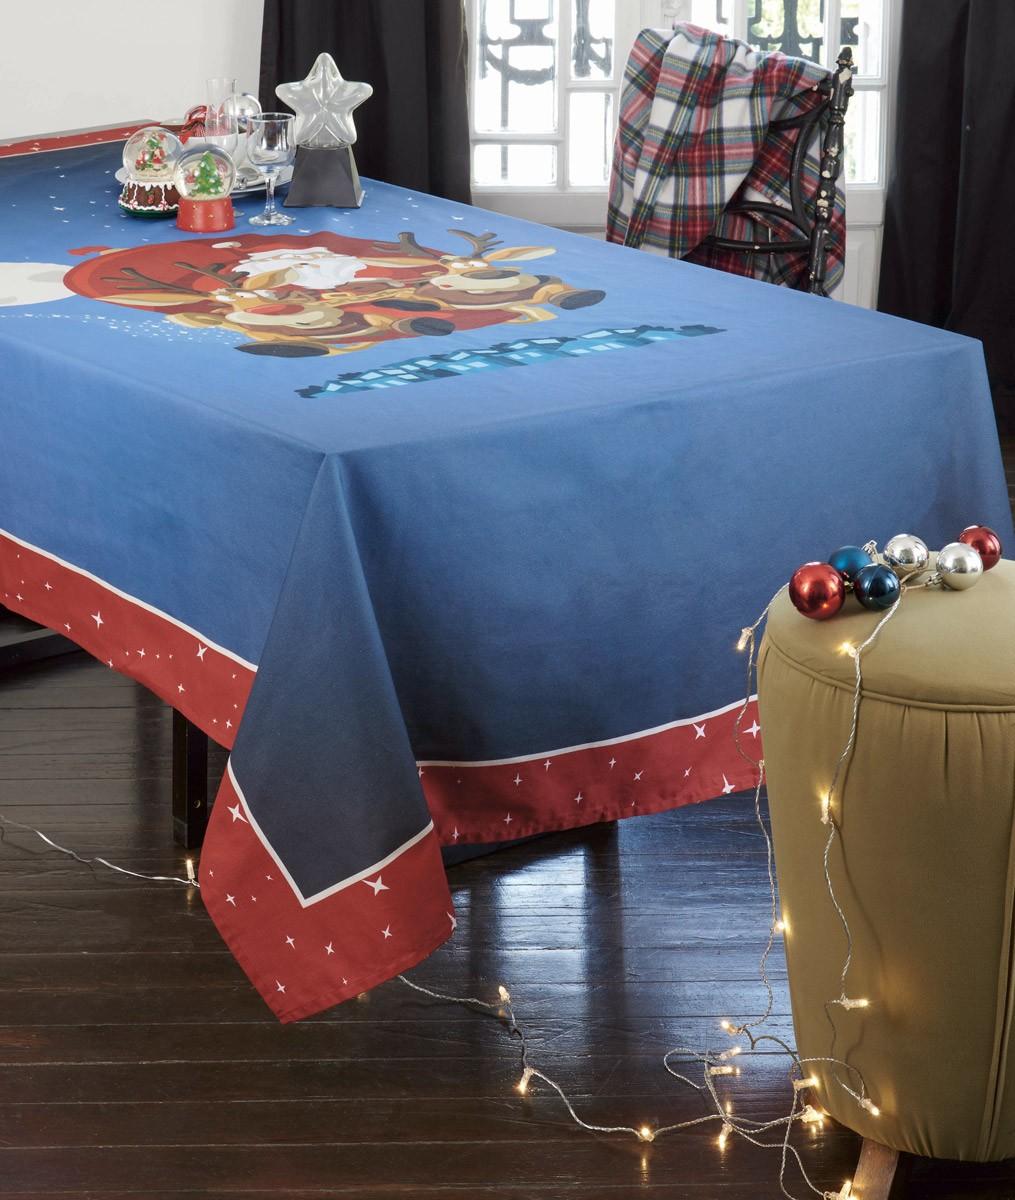 Χριστουγεννιάτικο Τραπεζομάντηλο (170x250) Makis Tselios Rudolf